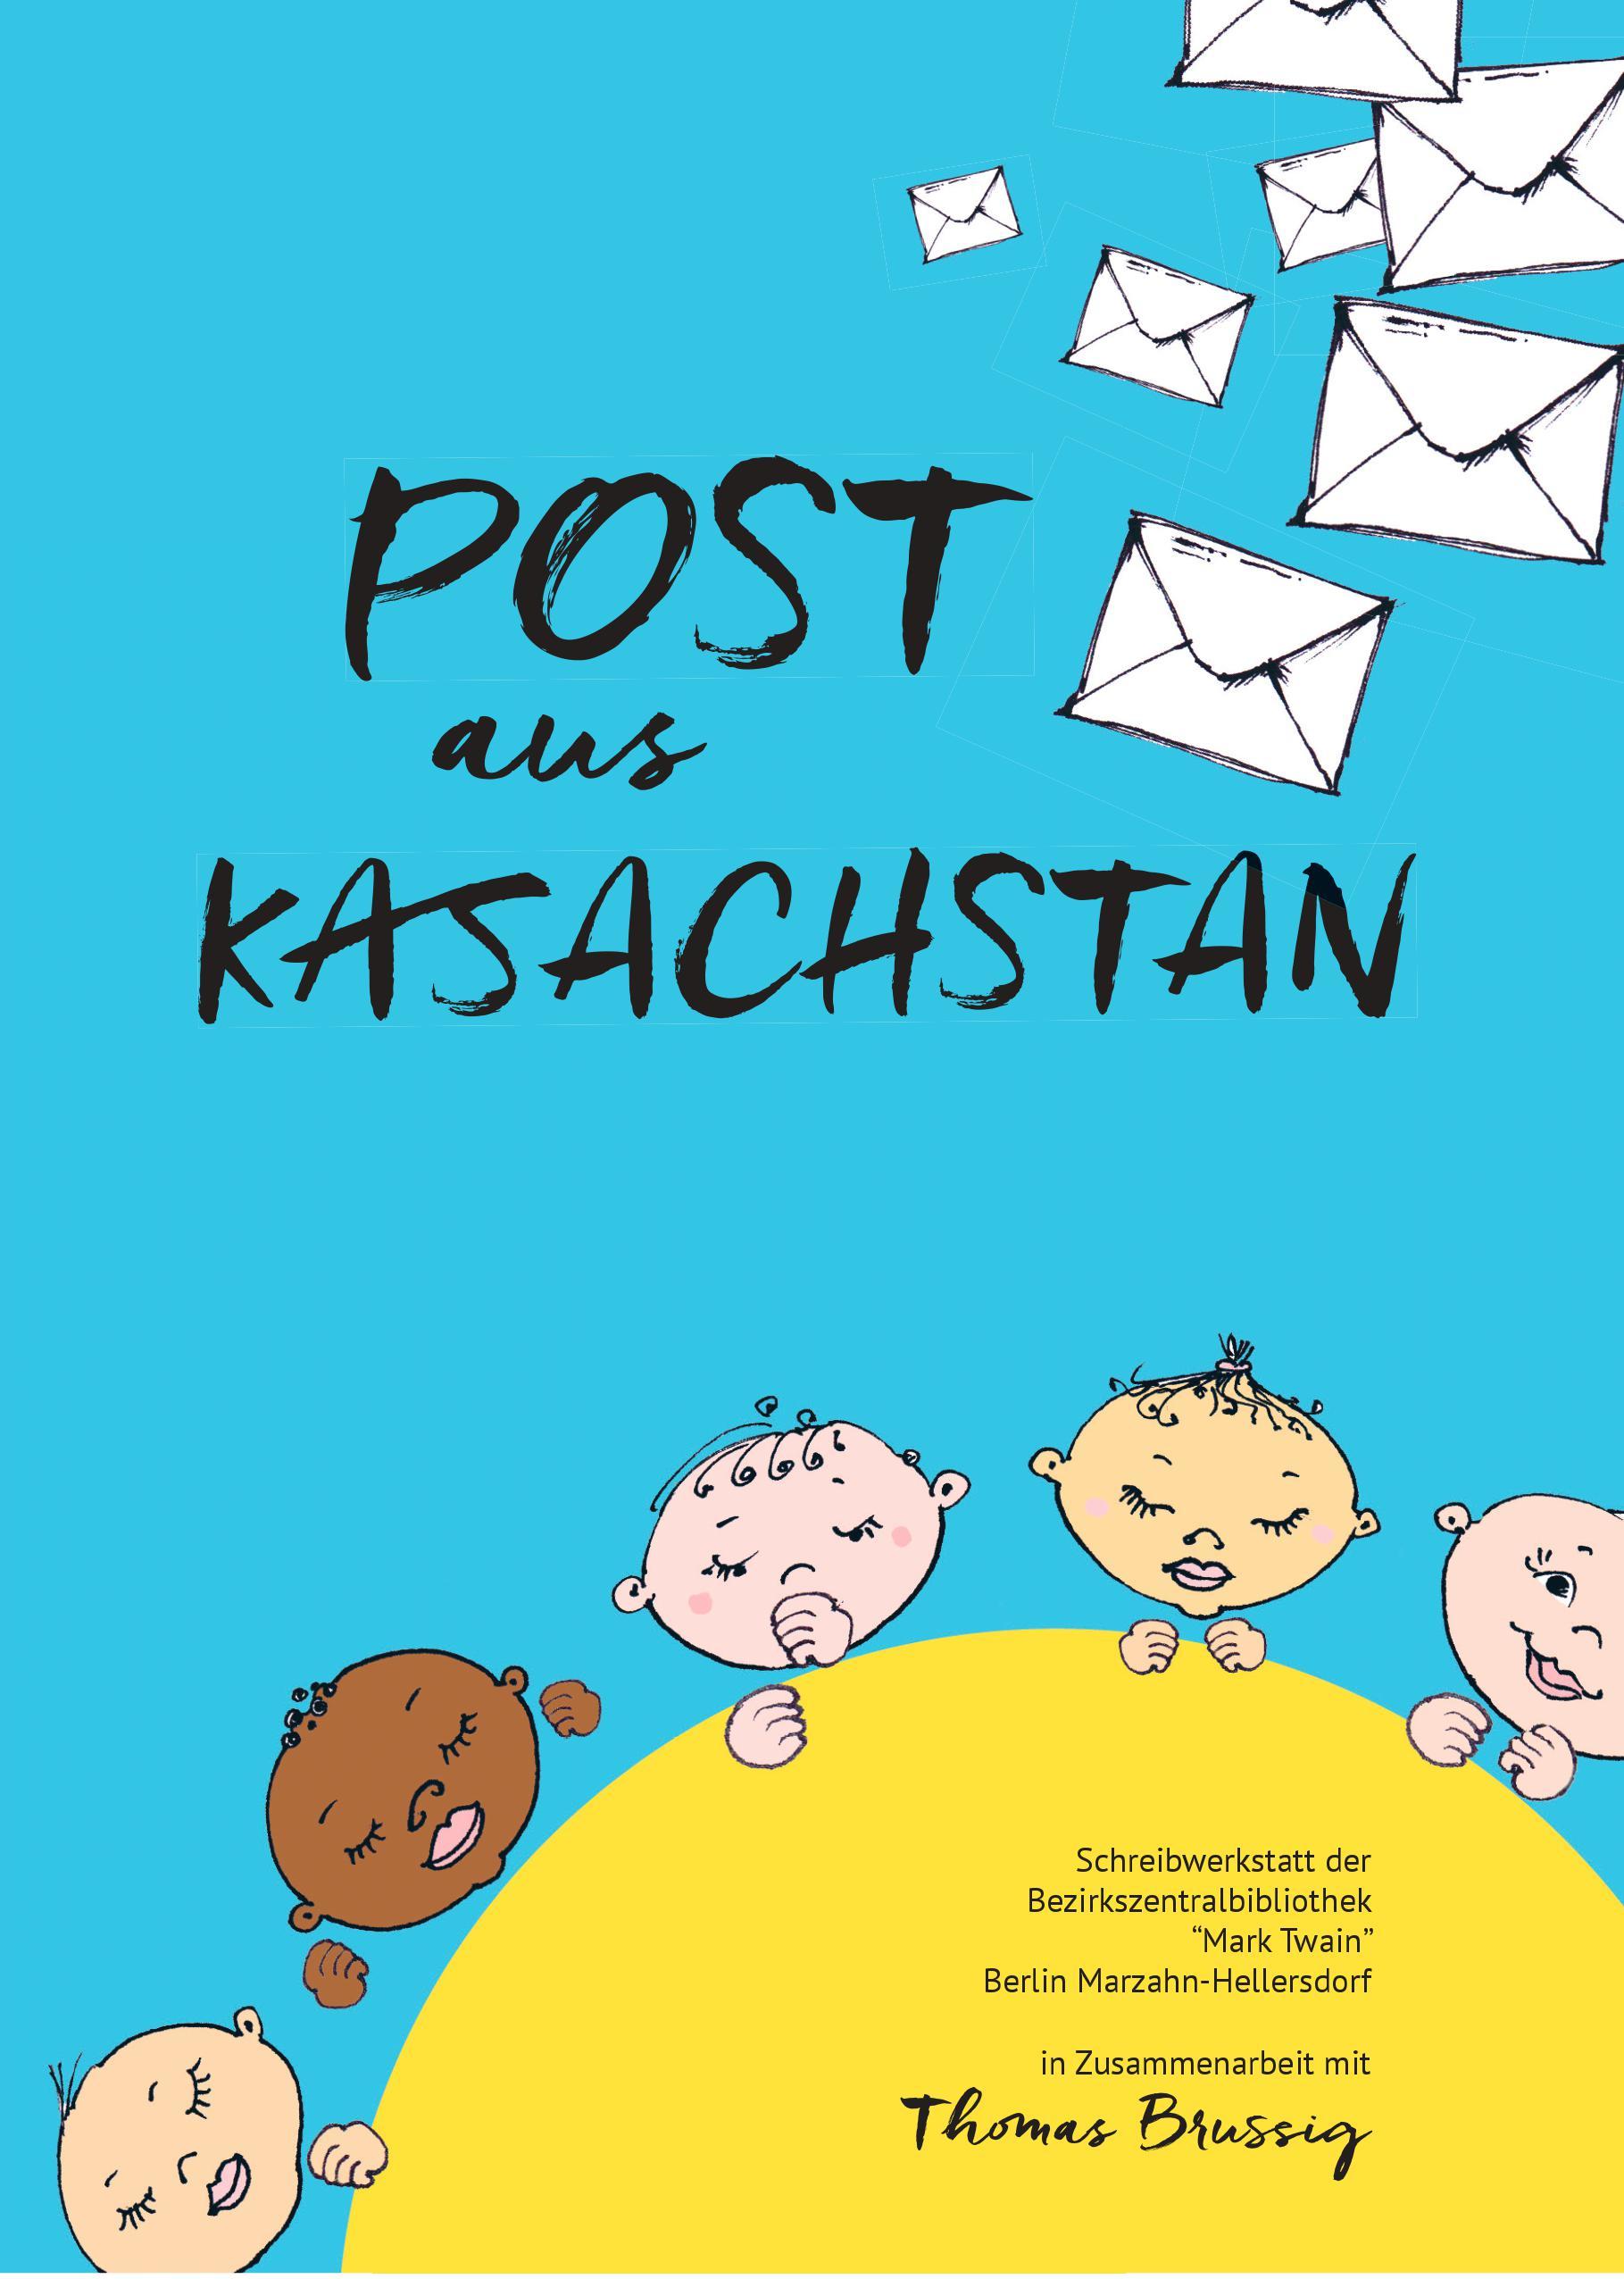 Post aus Kasachstan - Storytauschlesung mit Thomas Brussig und der Schreibwerkstatt Marzahn